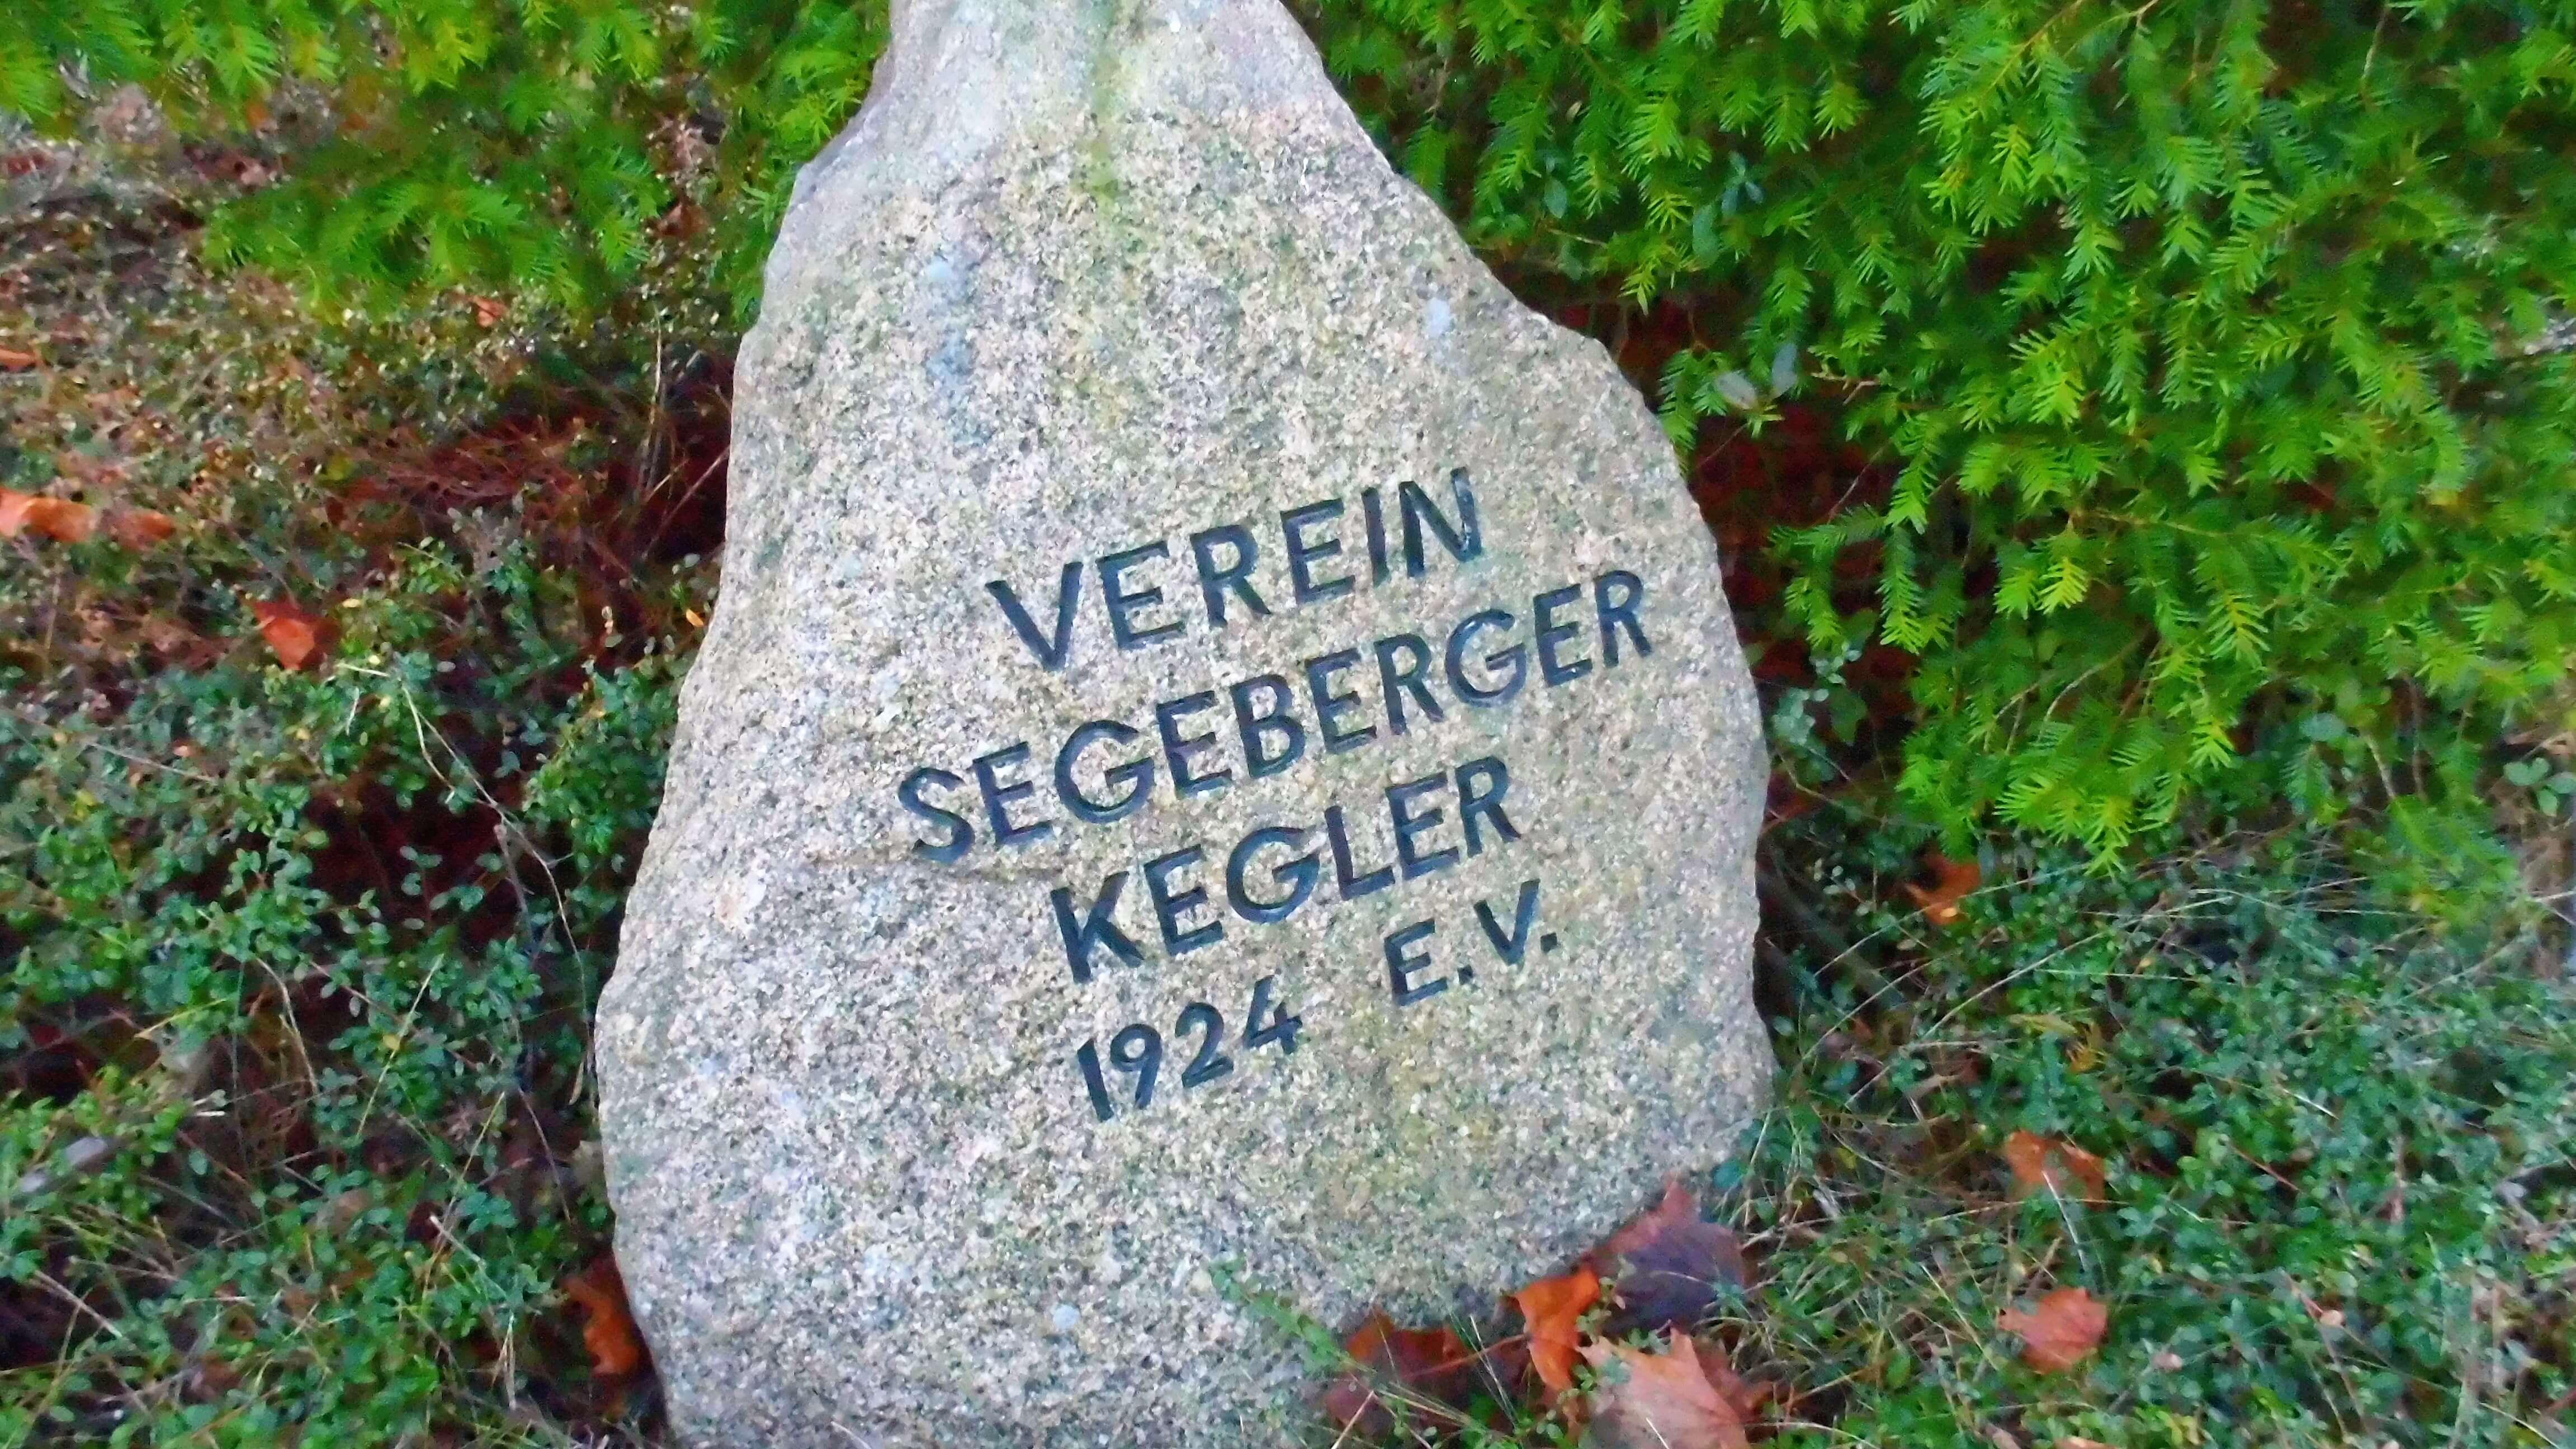 Einladung Jahreshauptversammlung vom Verein Segeberger Kegler von 1924 e. v.